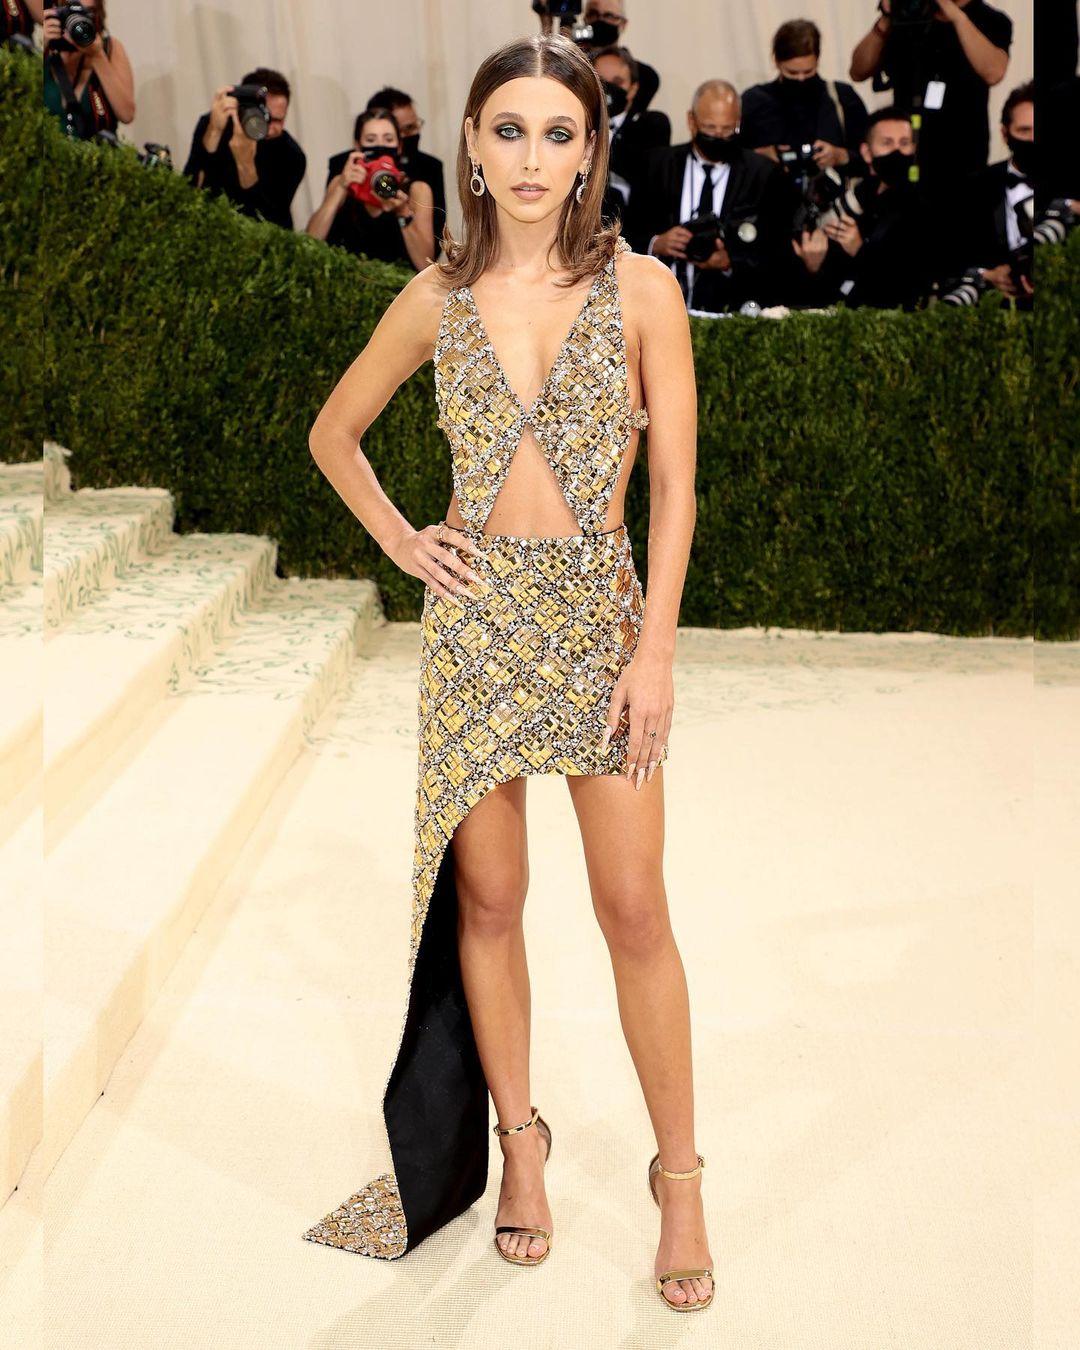 Ngôi sao mới của Louis Vuitton - Emma Chamberlain là người đầu tiên xuất hiện trên 'thảm vàng' MET Gala năm nay. Lần đầu tiên 'ra mắt' sự kiện tầm cỡ nên Emma chọn thiết kế khá an toàn, không đẹp không xấu.